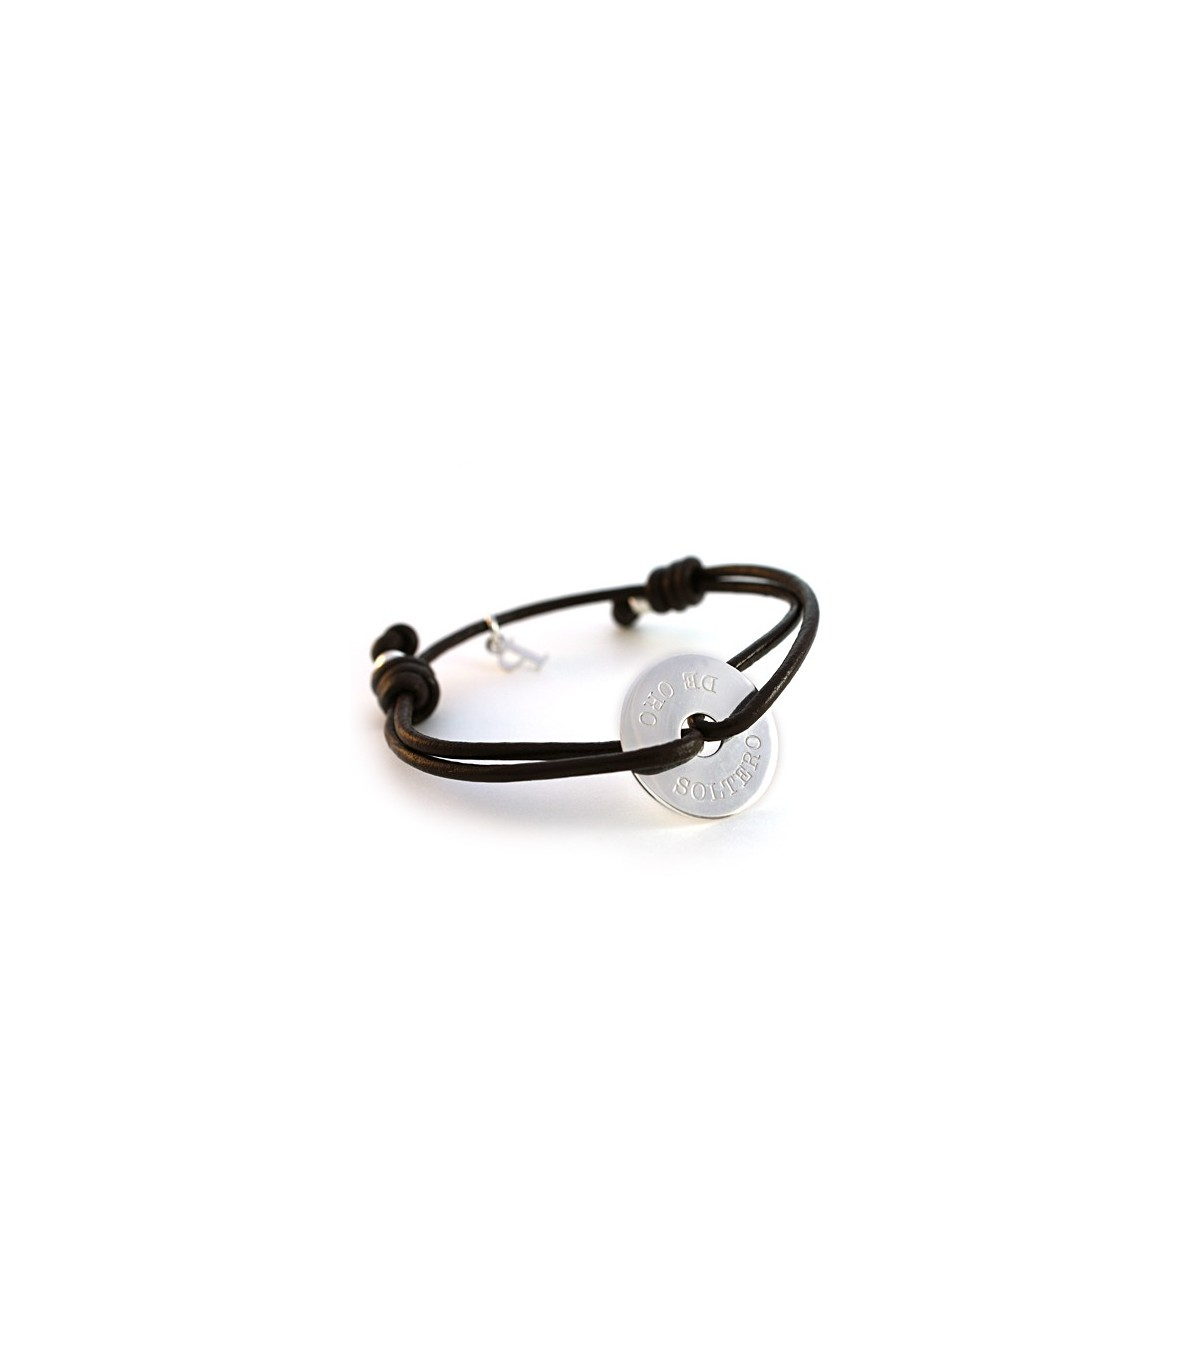 085b89d61bff Pulseras de cuero y plata personalizadas – Donut - Joyas de moda ...